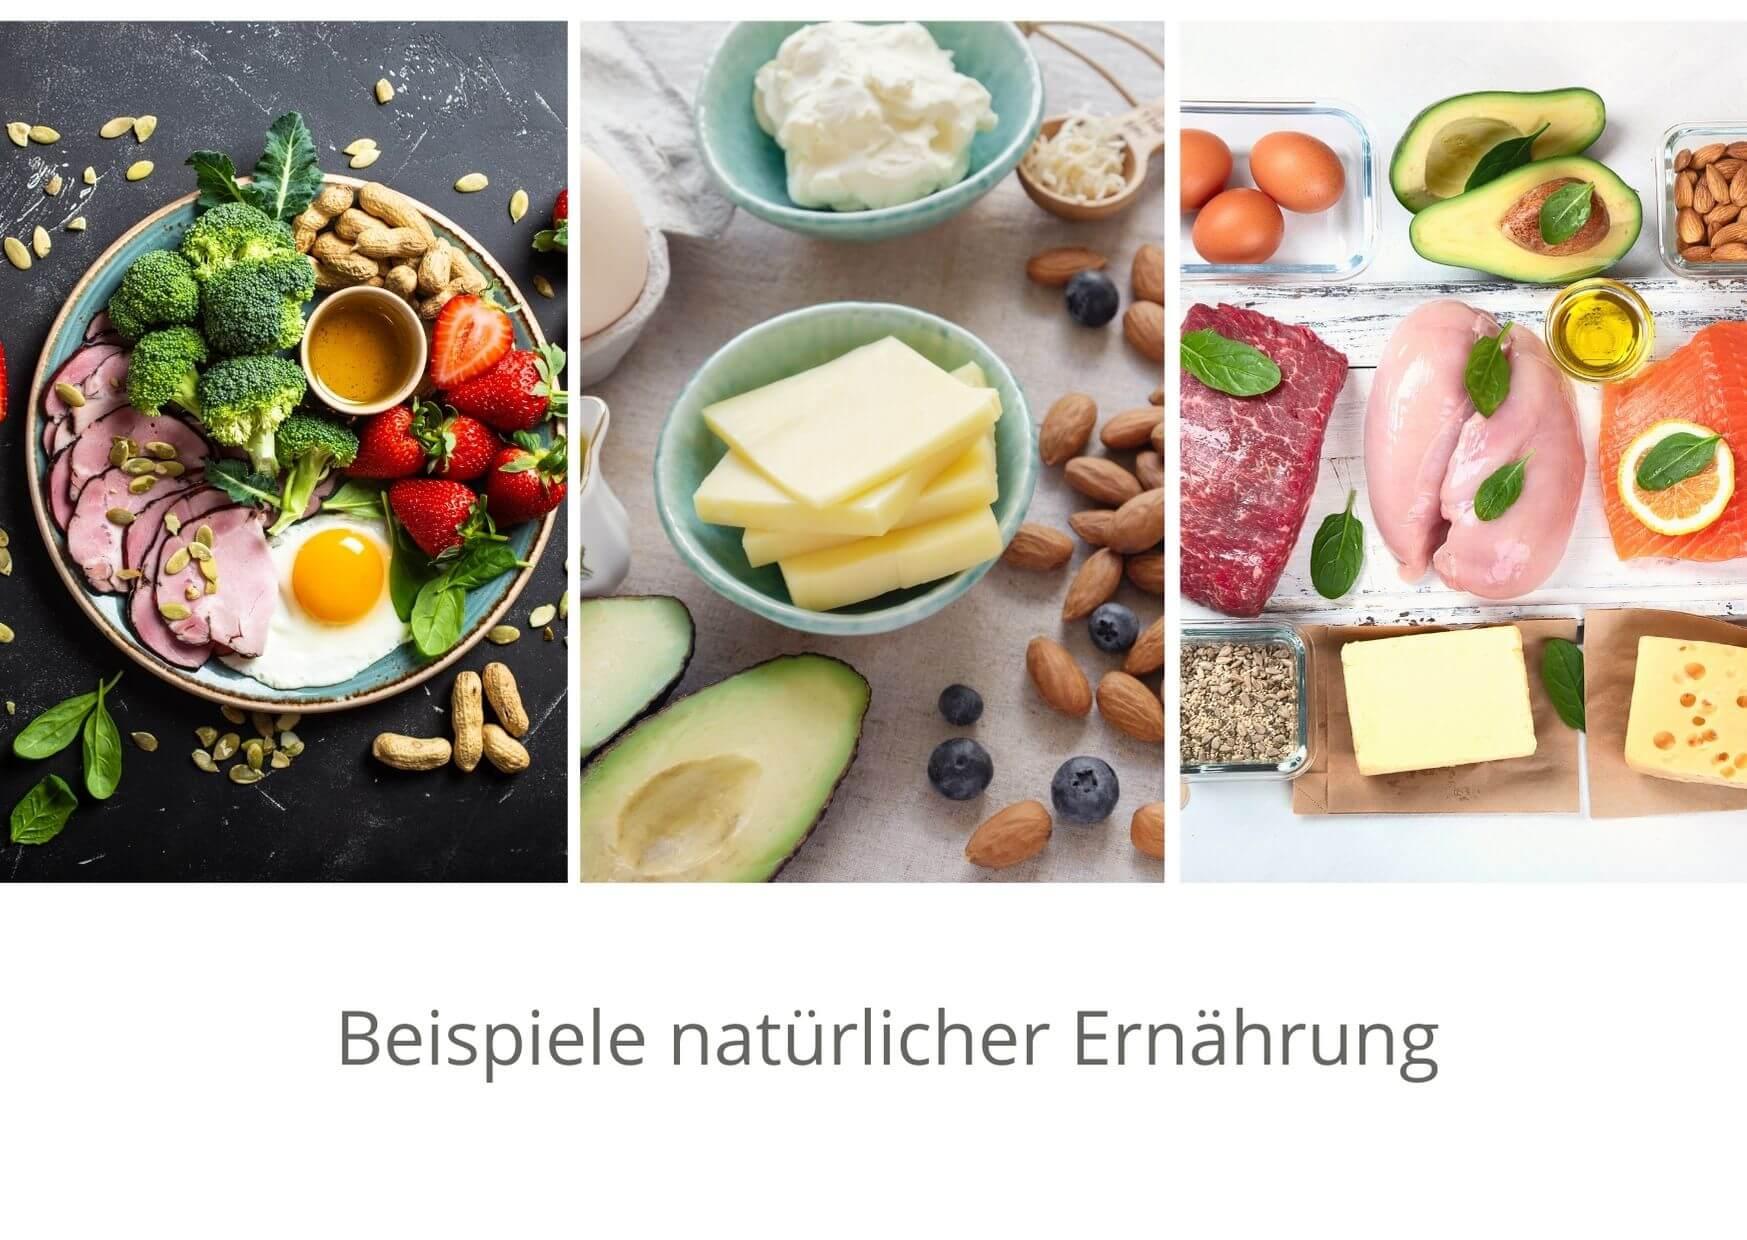 Natürliche Ernährung